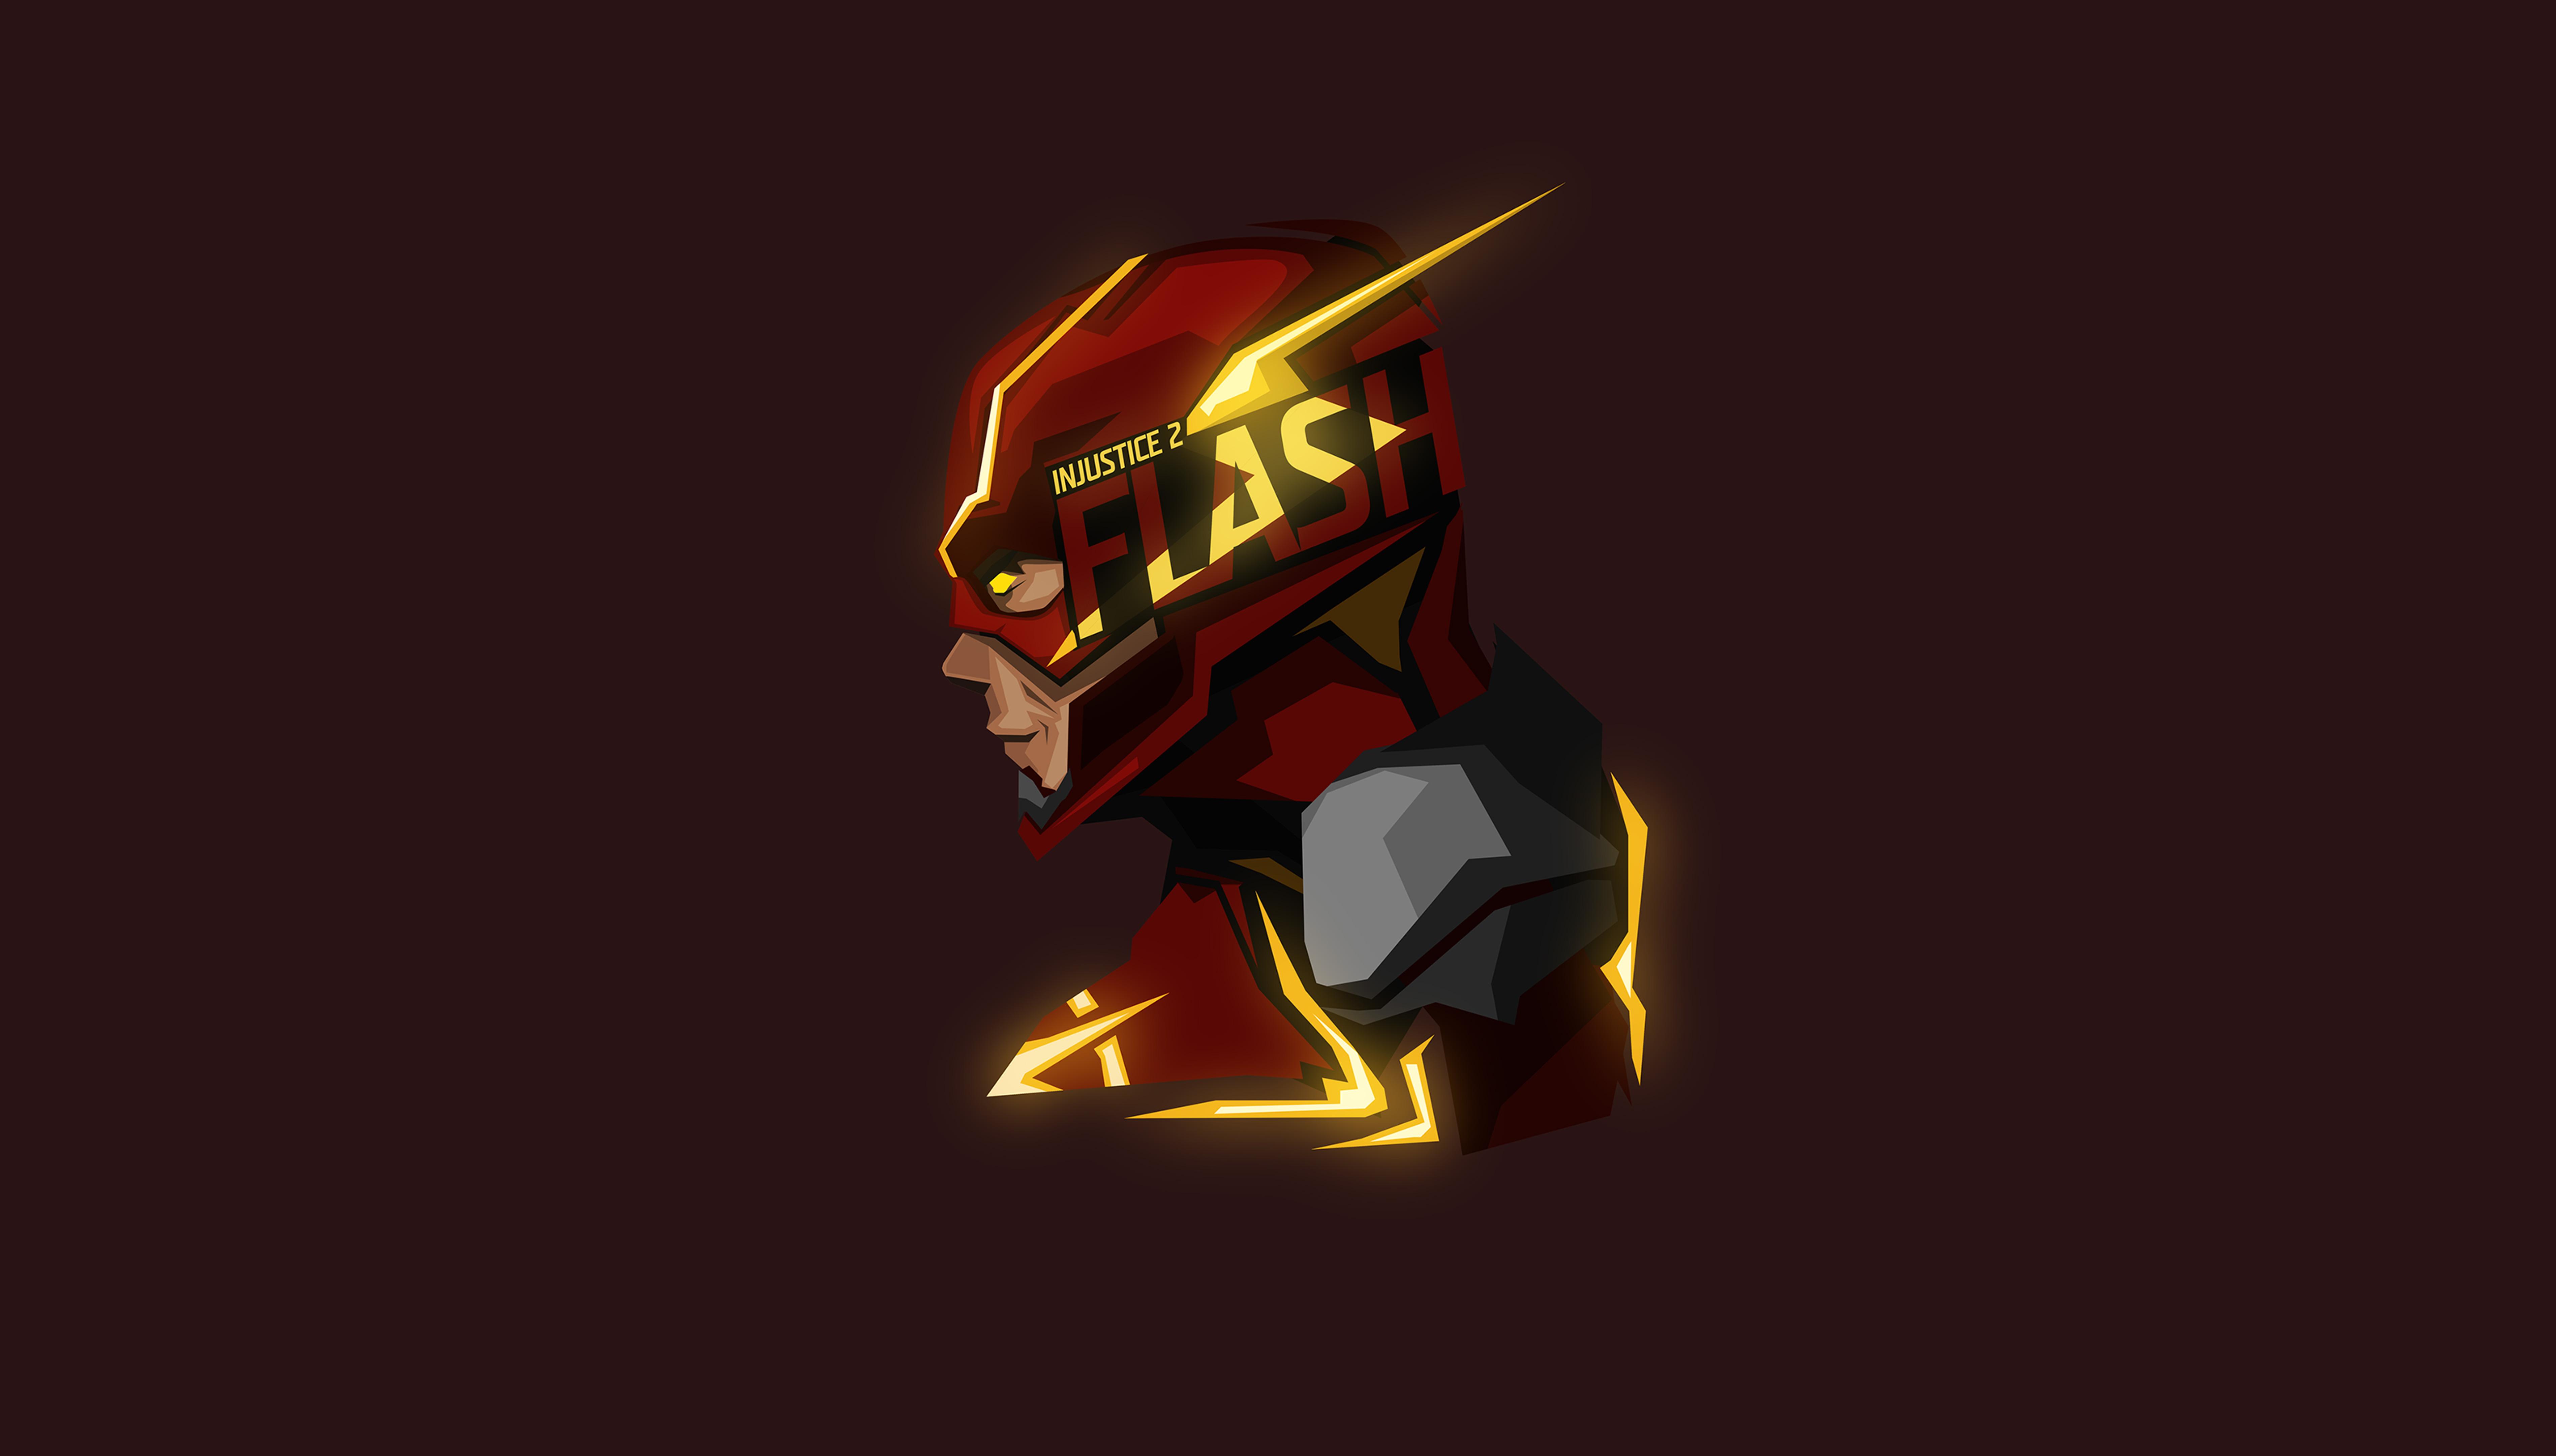 Flash glowing minimal 8k hd superheroes 4k wallpapers - 8k minimal wallpaper ...